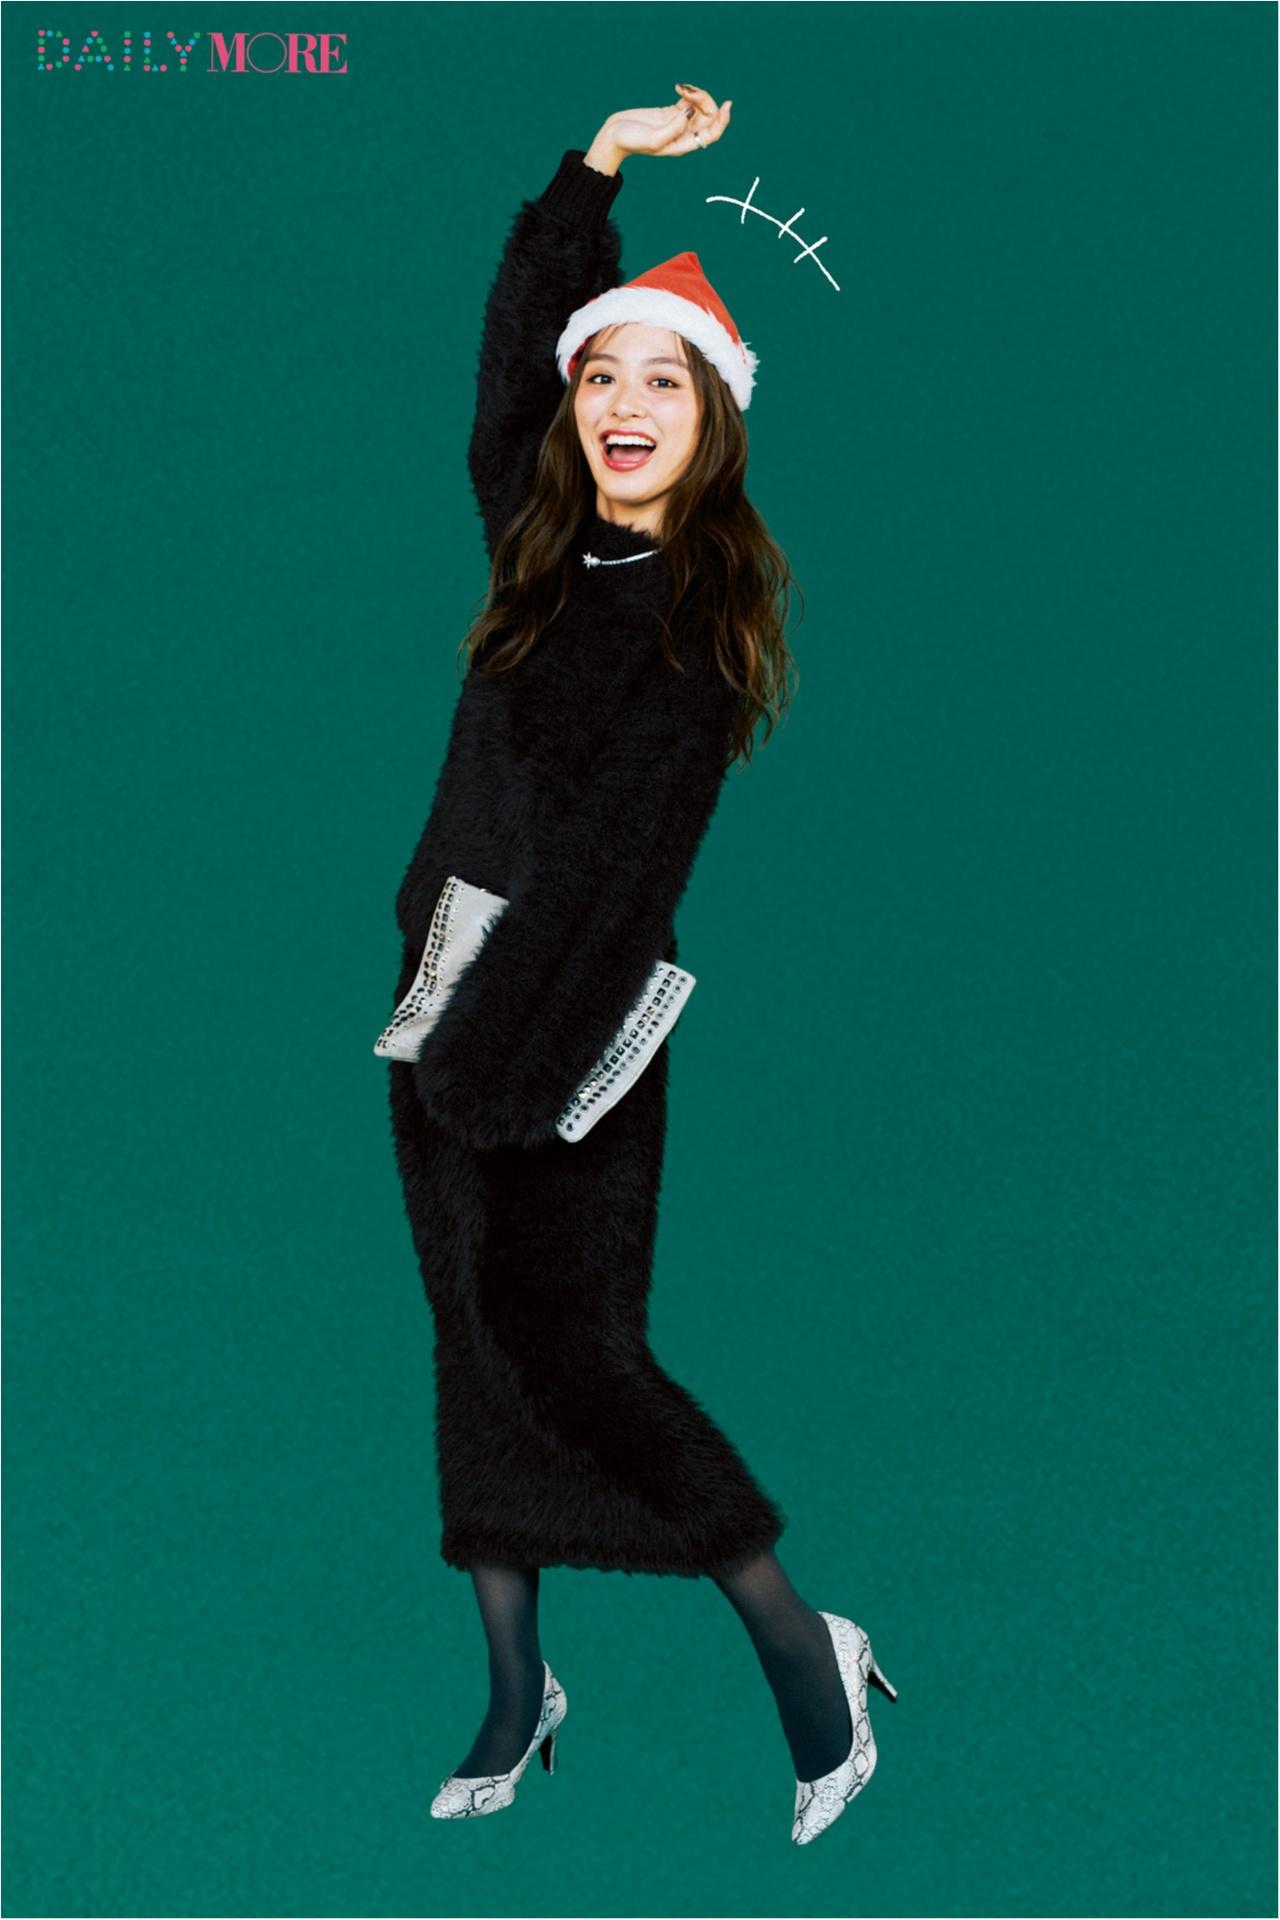 【今日のコーデ/内田理央】仲間で集まるクリスマスイヴは女っぽブラックで差をつけて♪_1